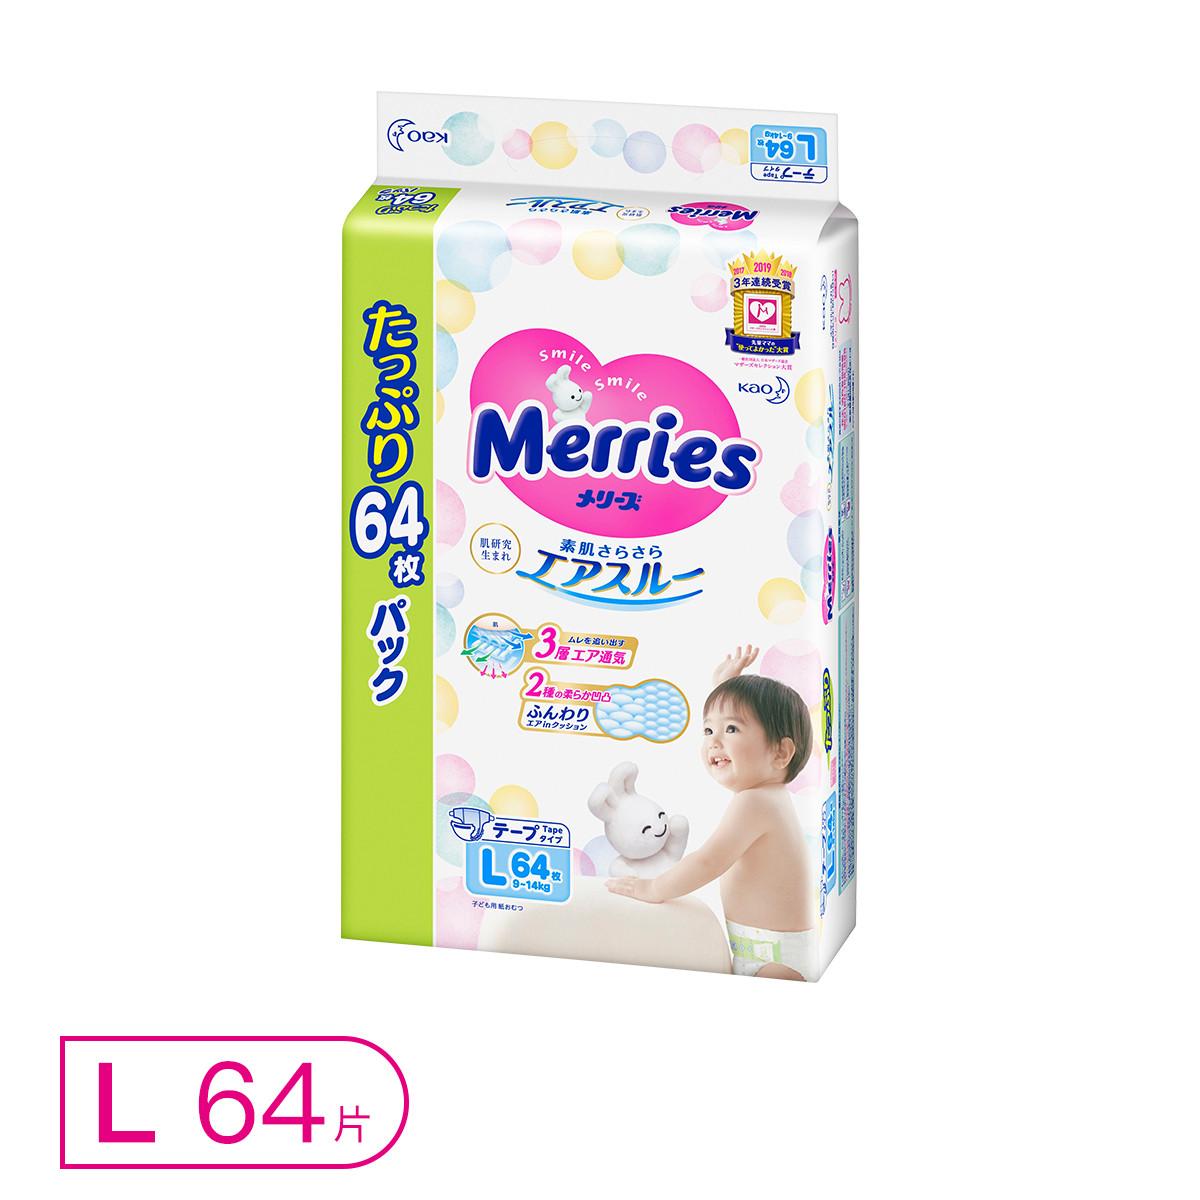 L64片日本花王Merries婴儿纸尿裤L64 宝宝尿不湿